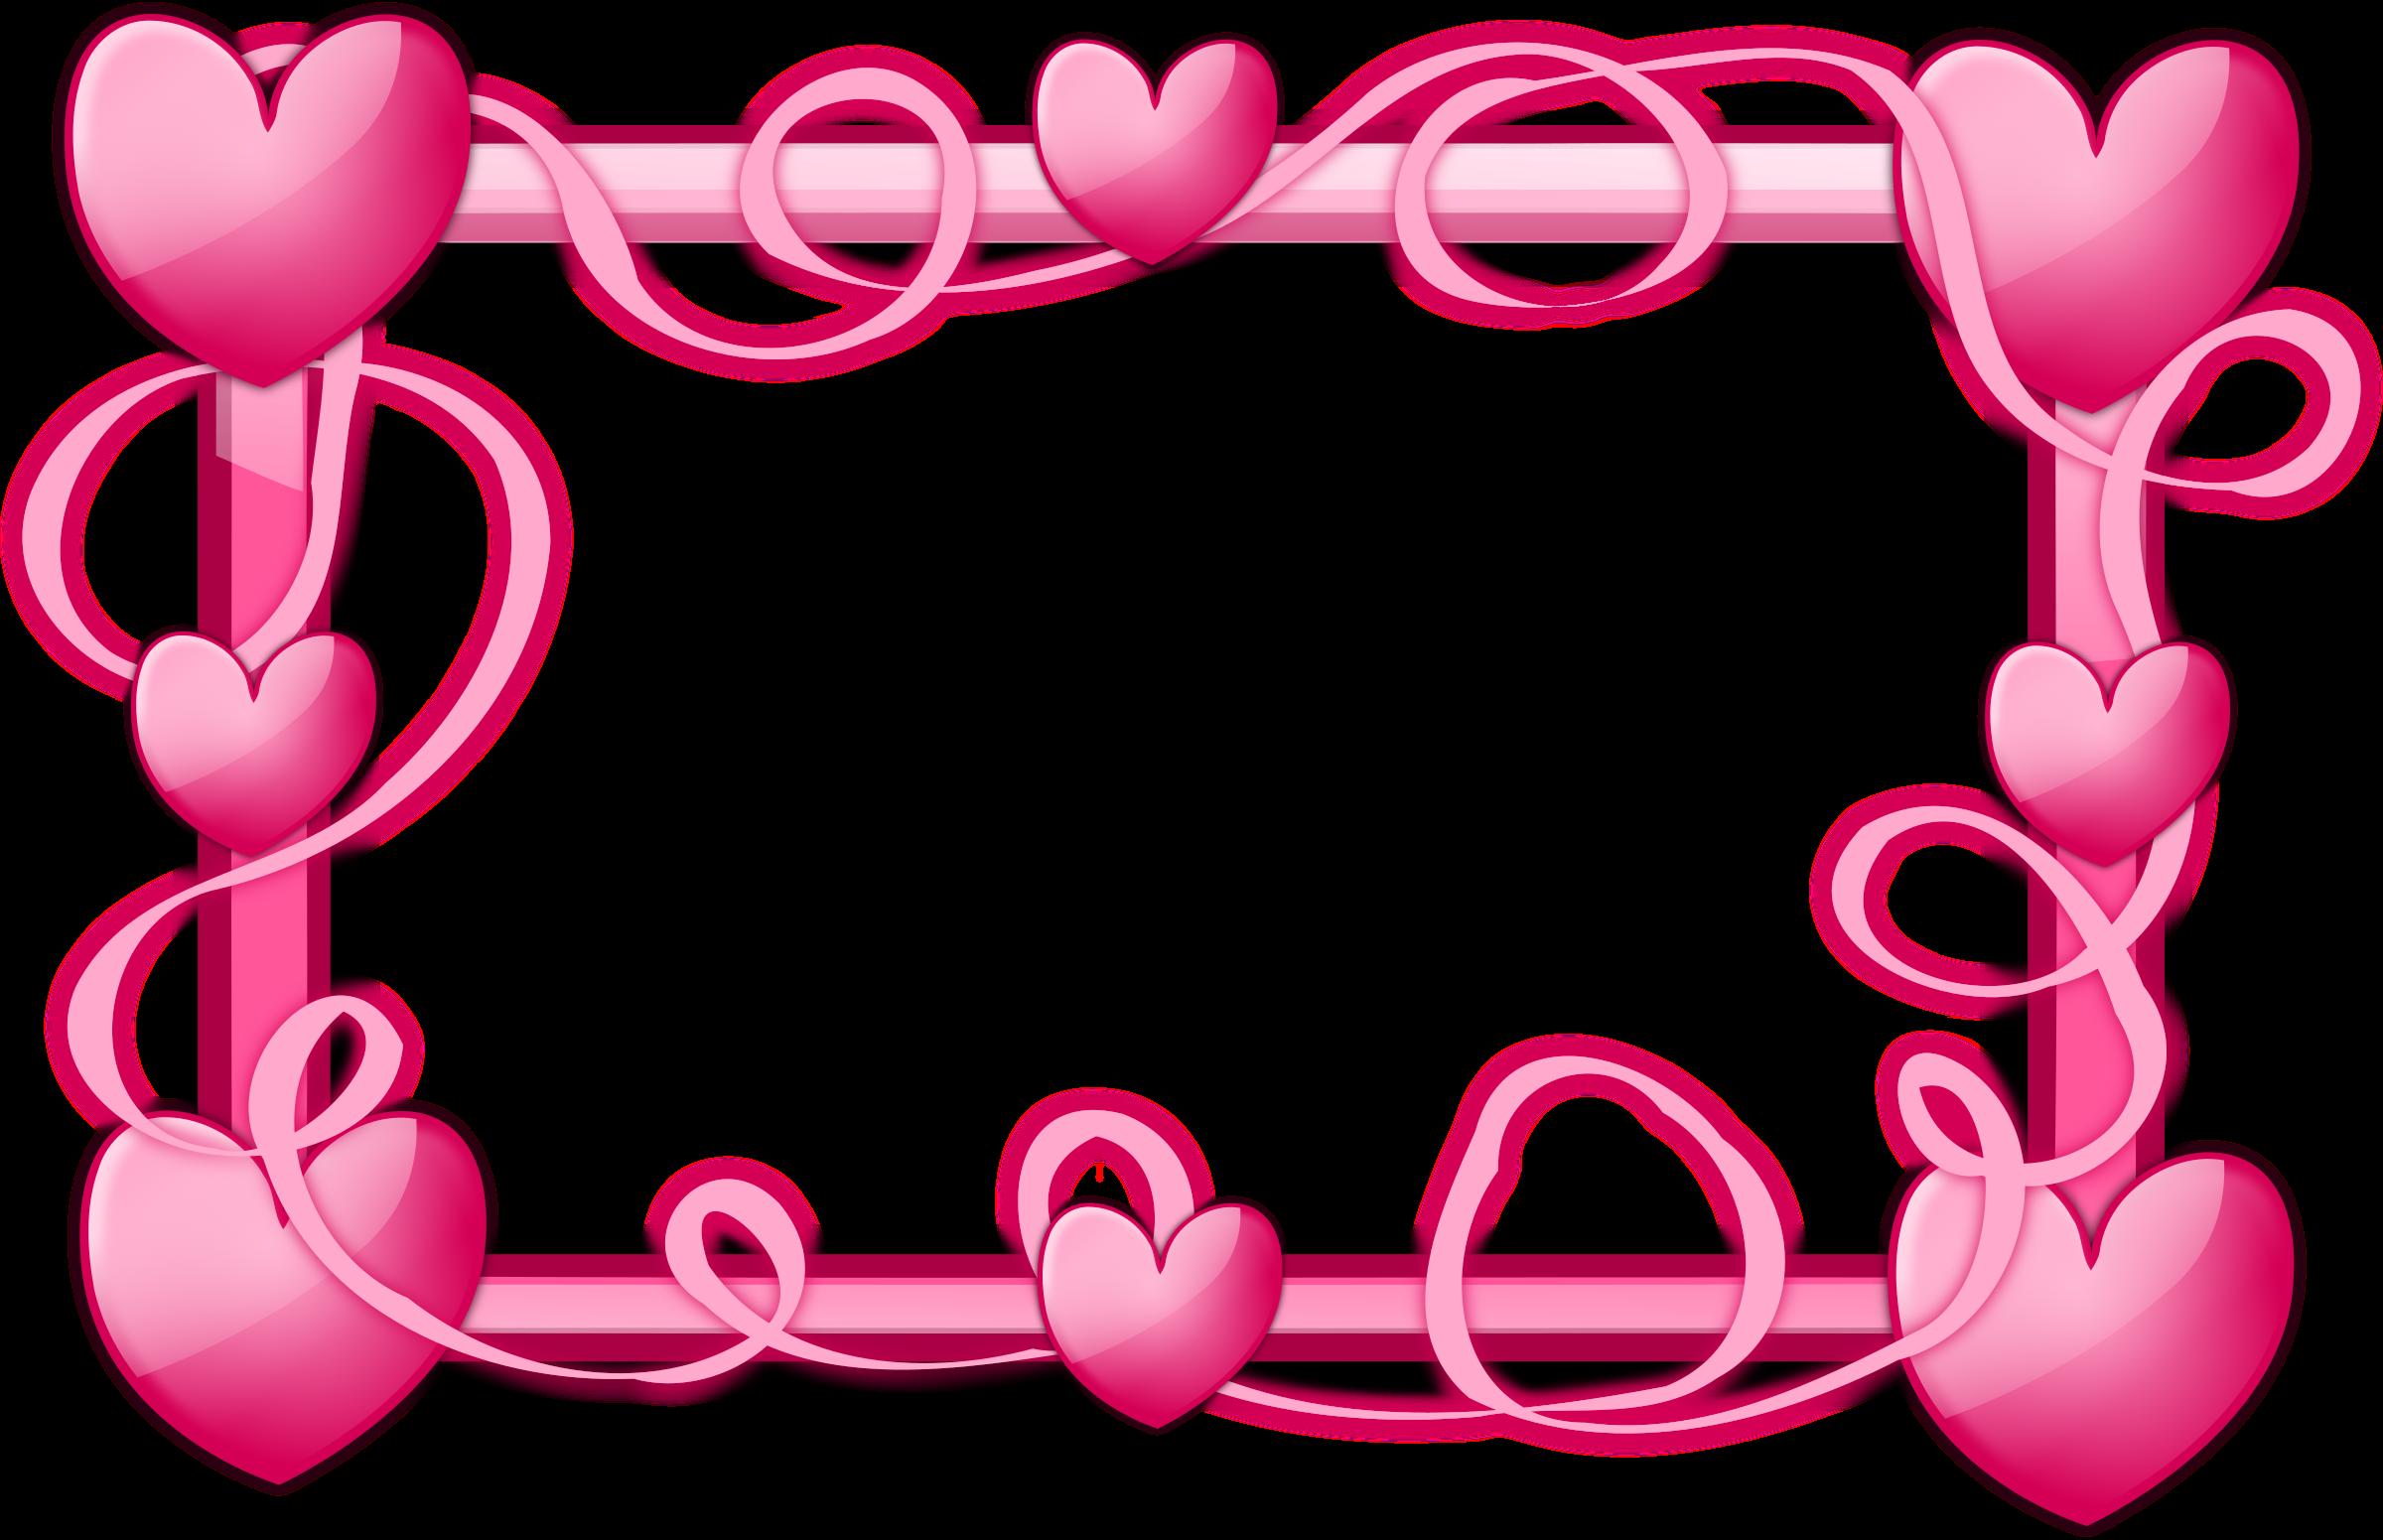 Landscape clipart border design. Pink hearts frame big